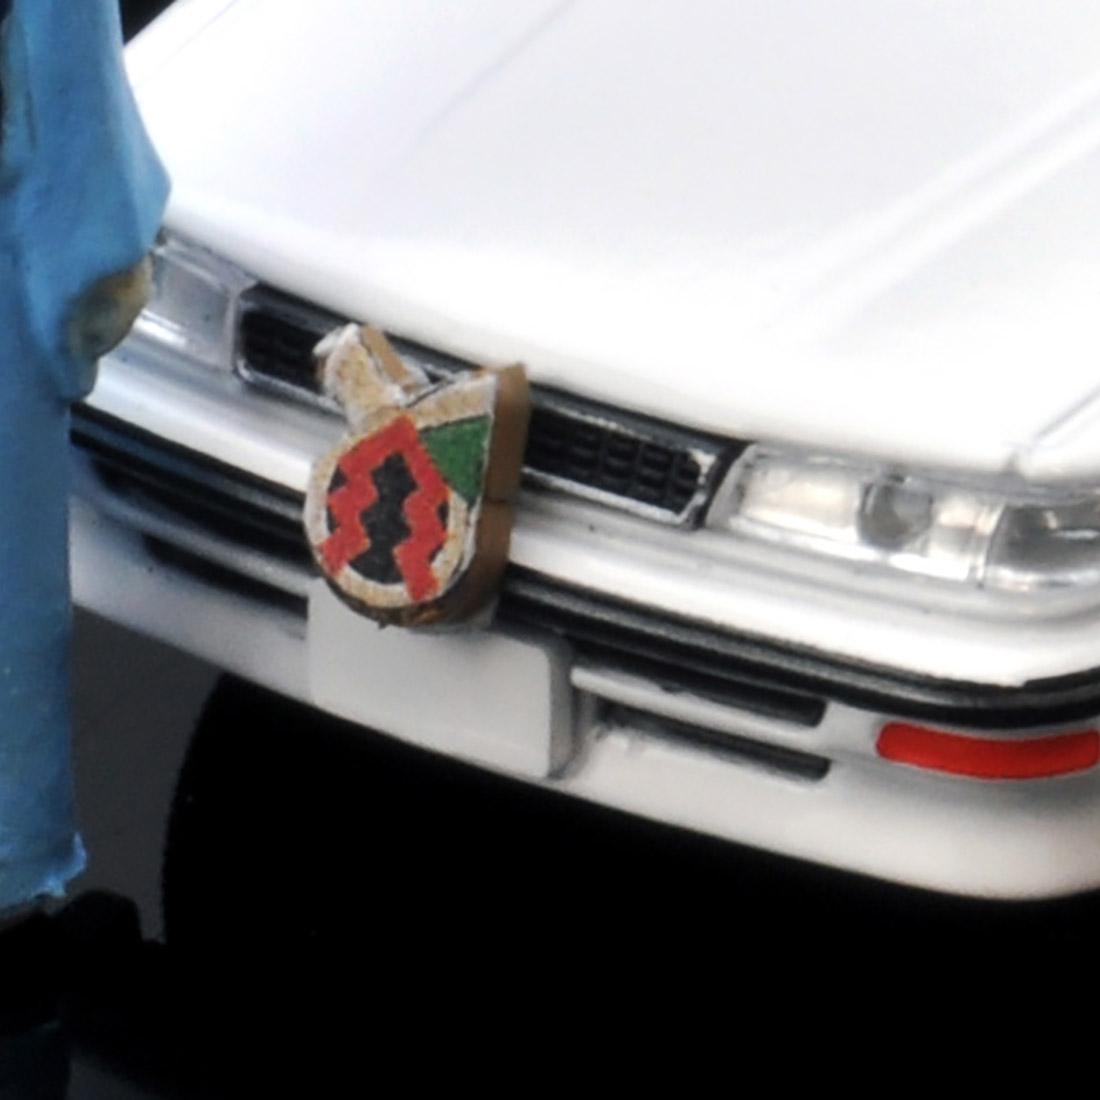 ジオラマコレクション『ジオコレ64 #カースナップ03a 初詣』1/64 ミニカー-009